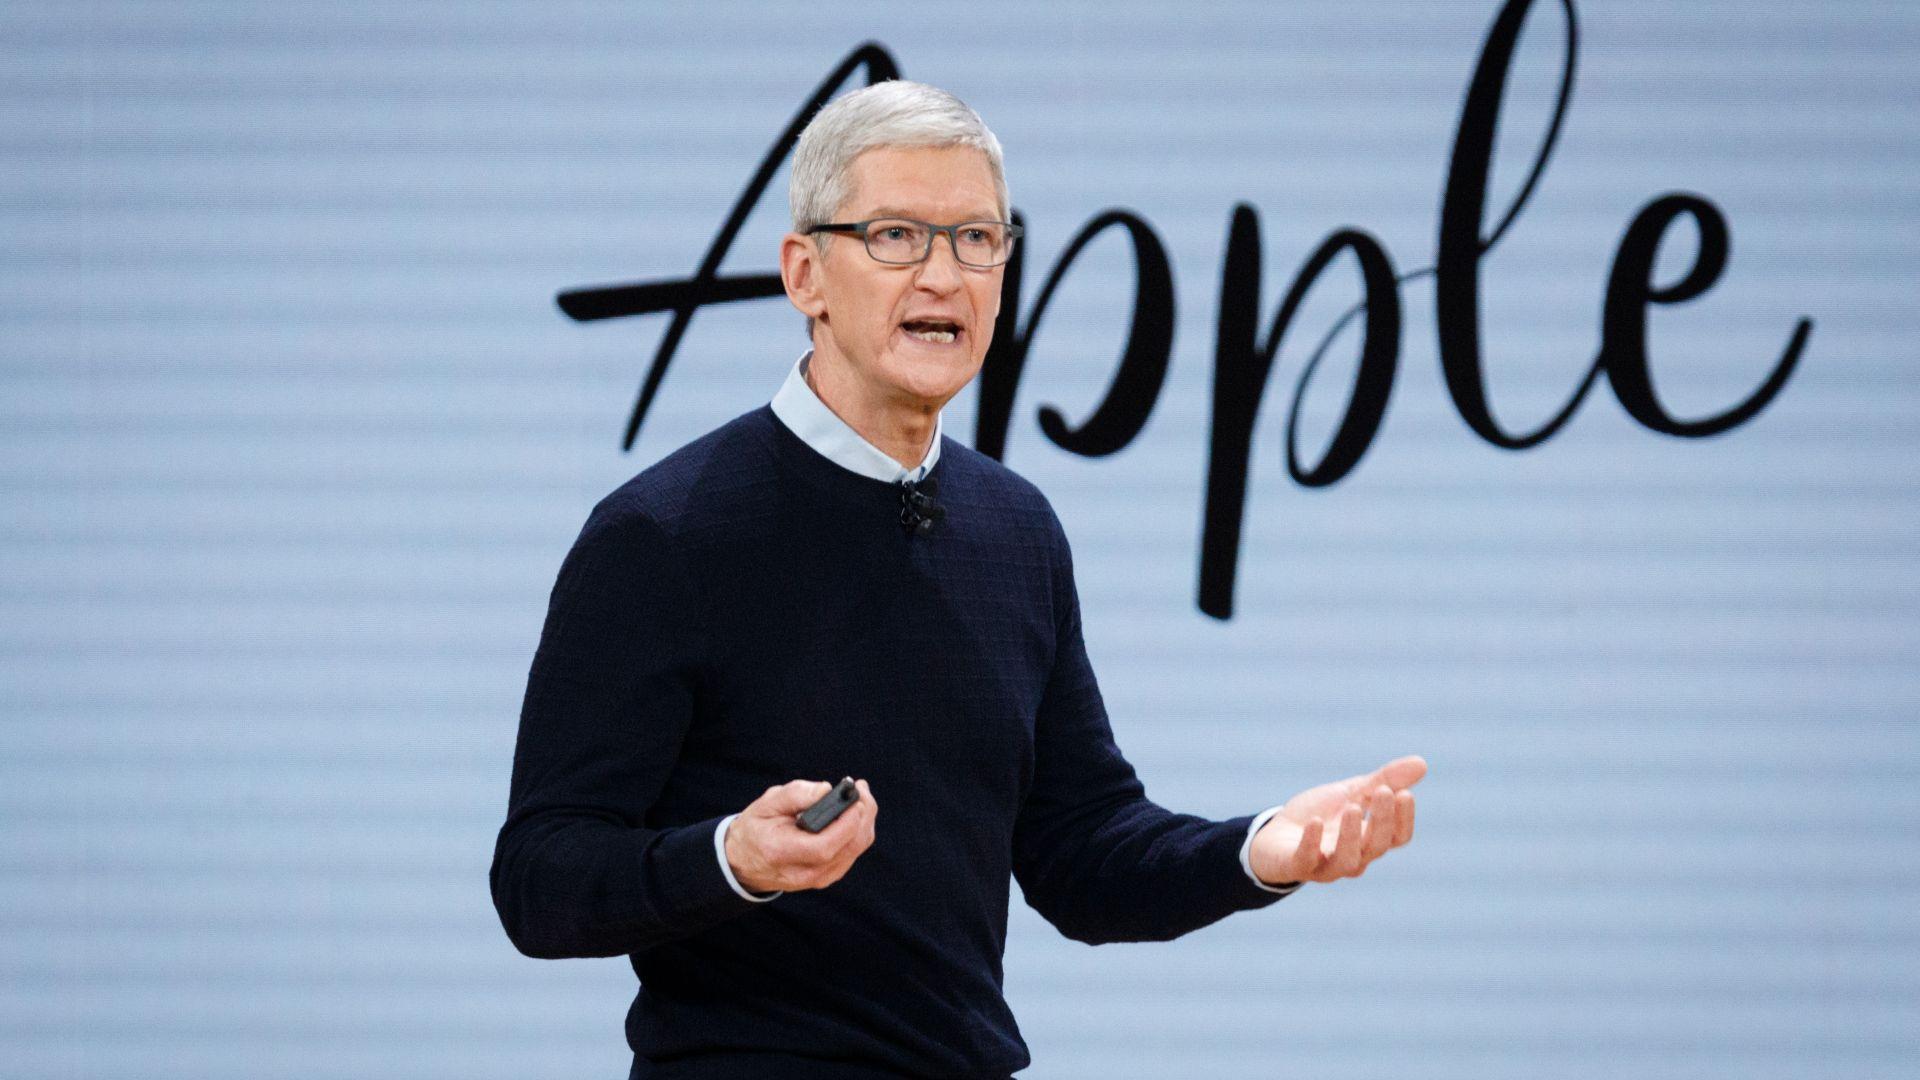 Шефът на Епъл заработва по-малко, въпреки че заплата му се е повишила до $3 млн. годишно